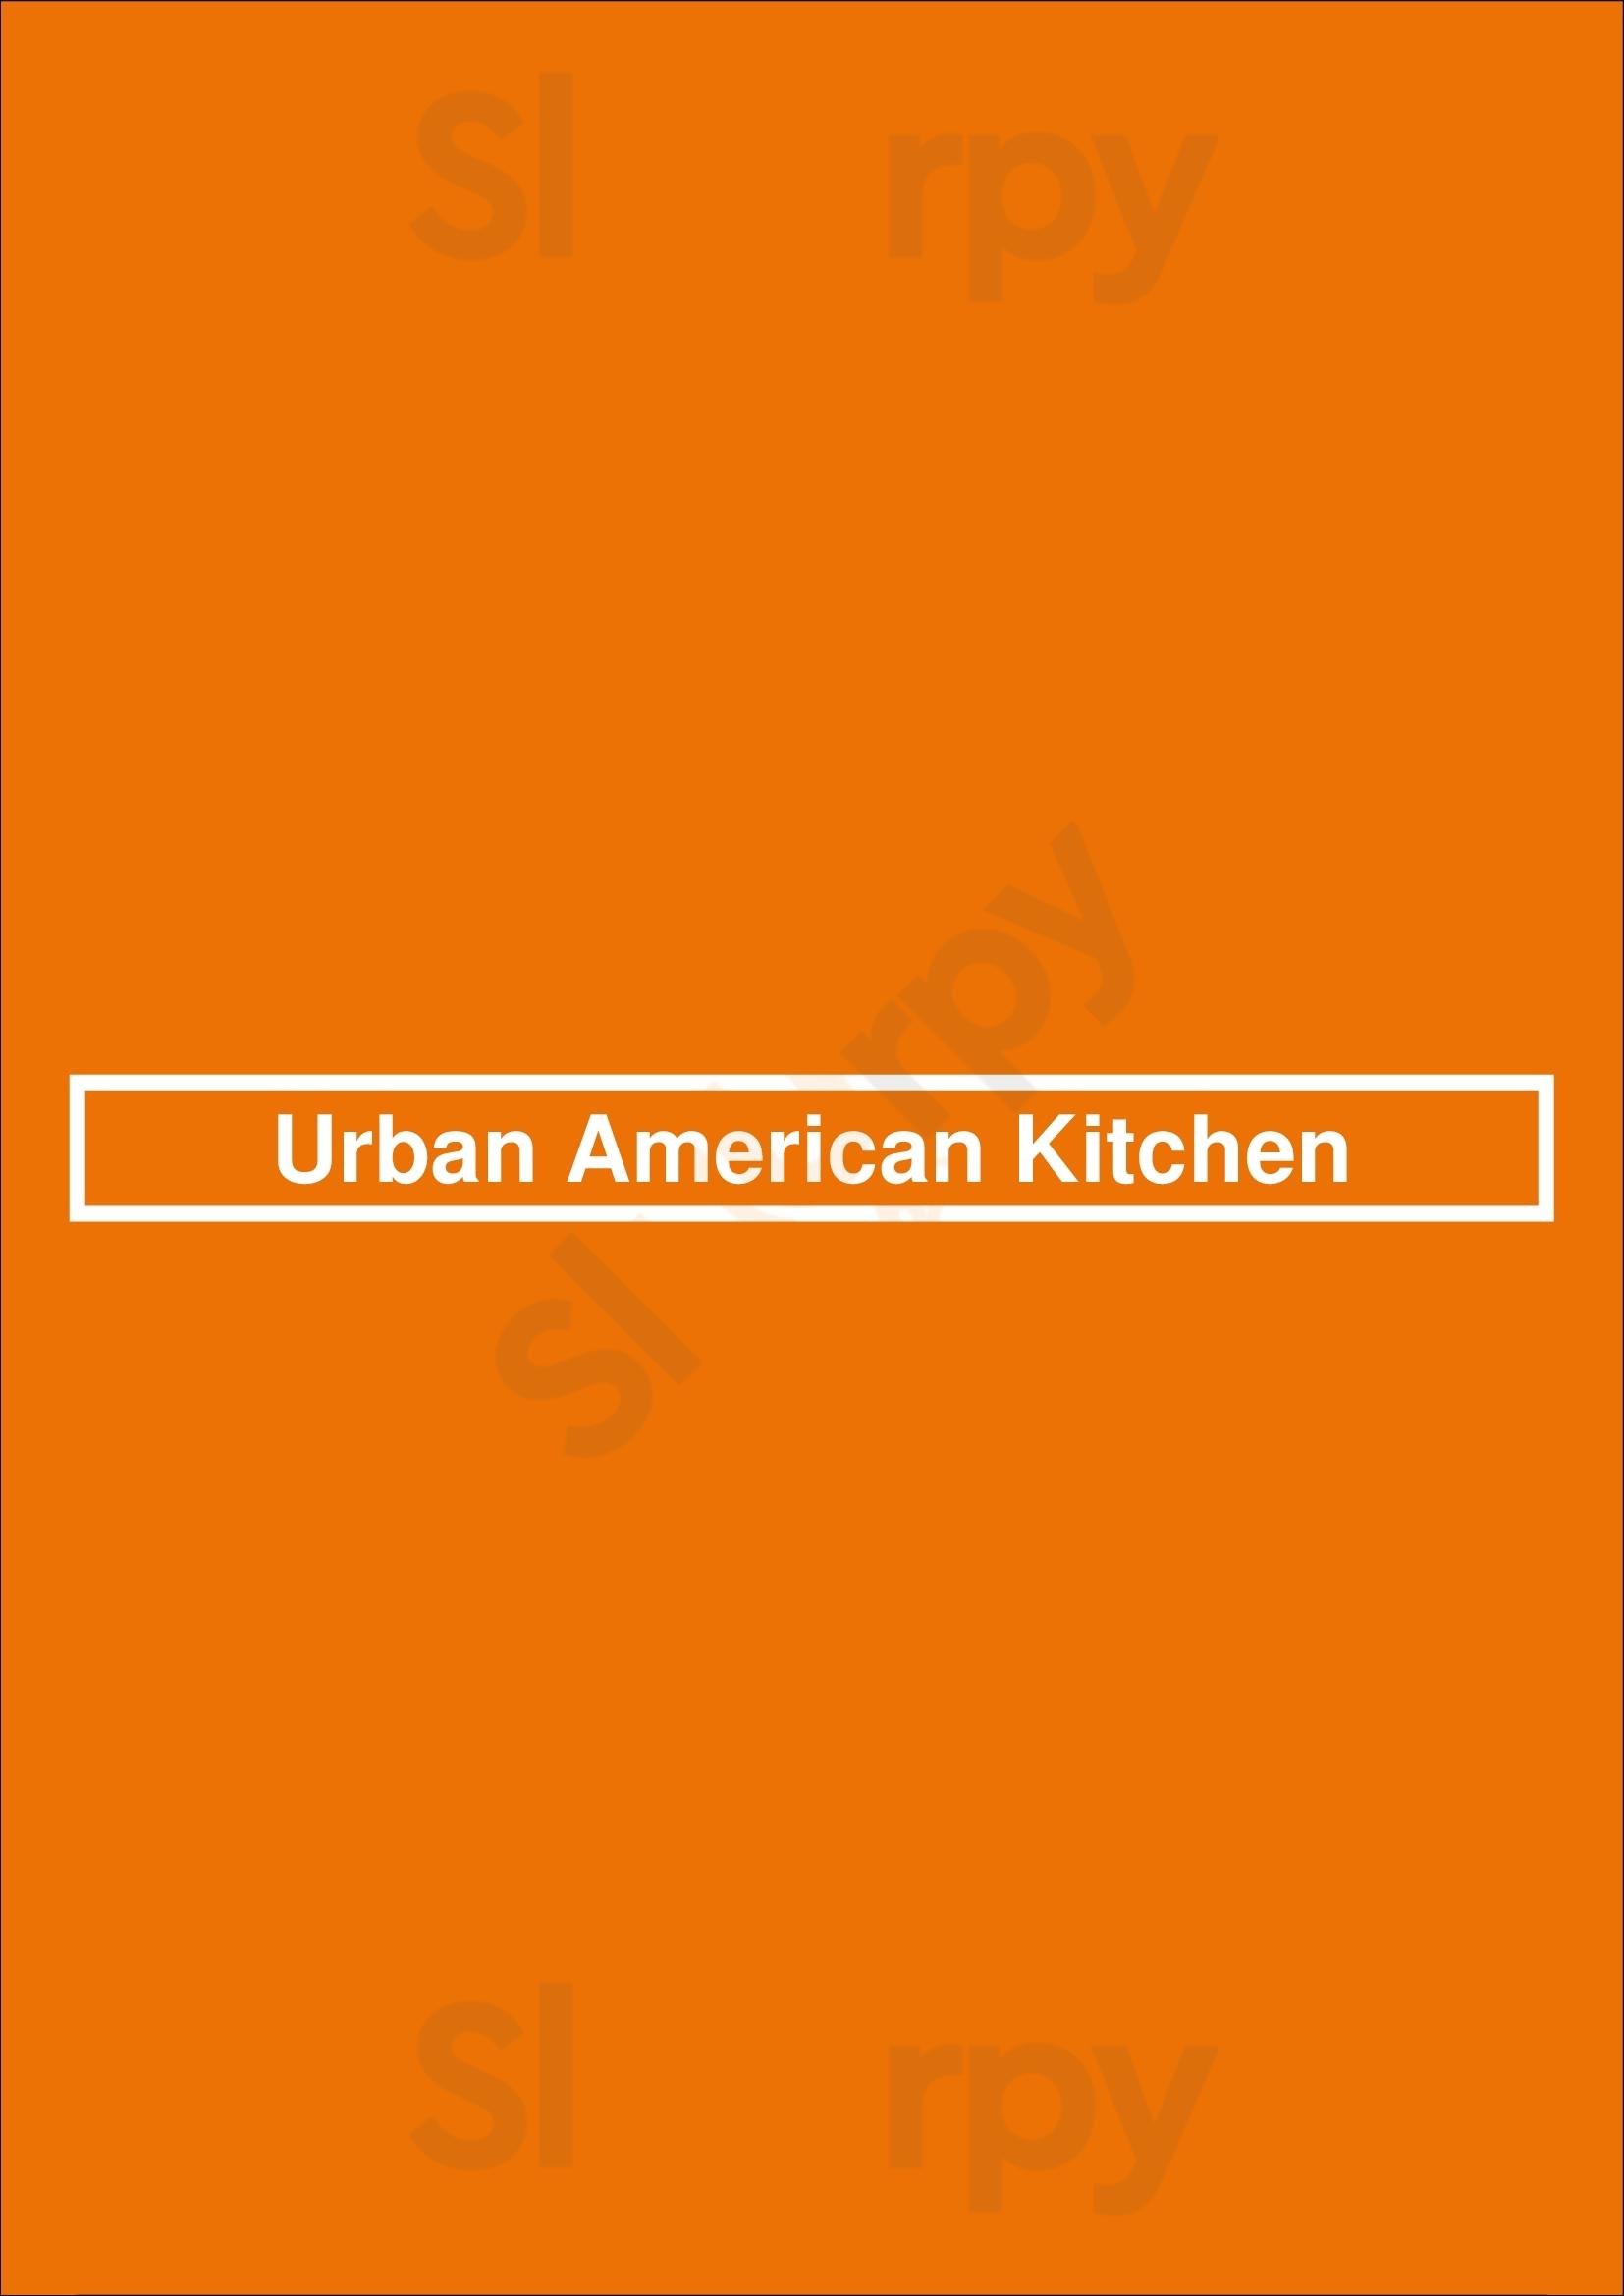 Urban American Kitchen Houston Menu - 1